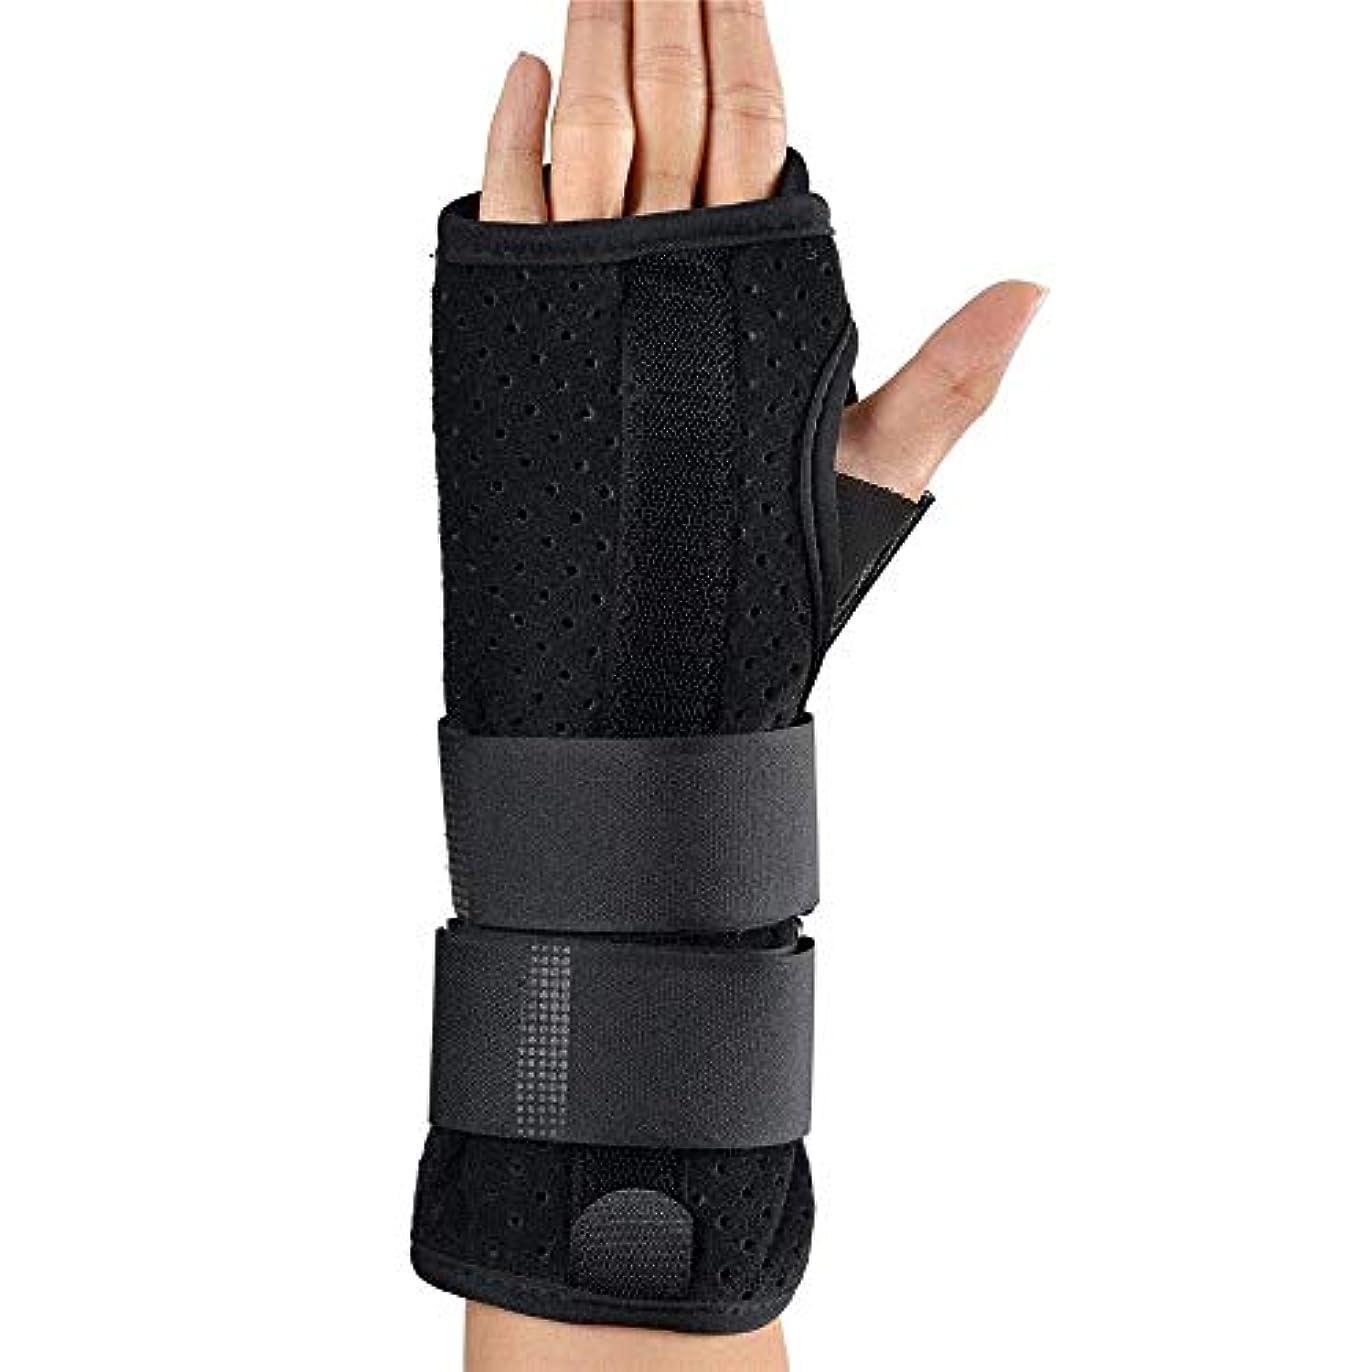 議論する汚染報奨金ZYL-YL 調節可能な圧縮リストストラップと手首関節固定器手首補正手首捻挫骨折プレート固定 (Edition : Right, サイズ : M)